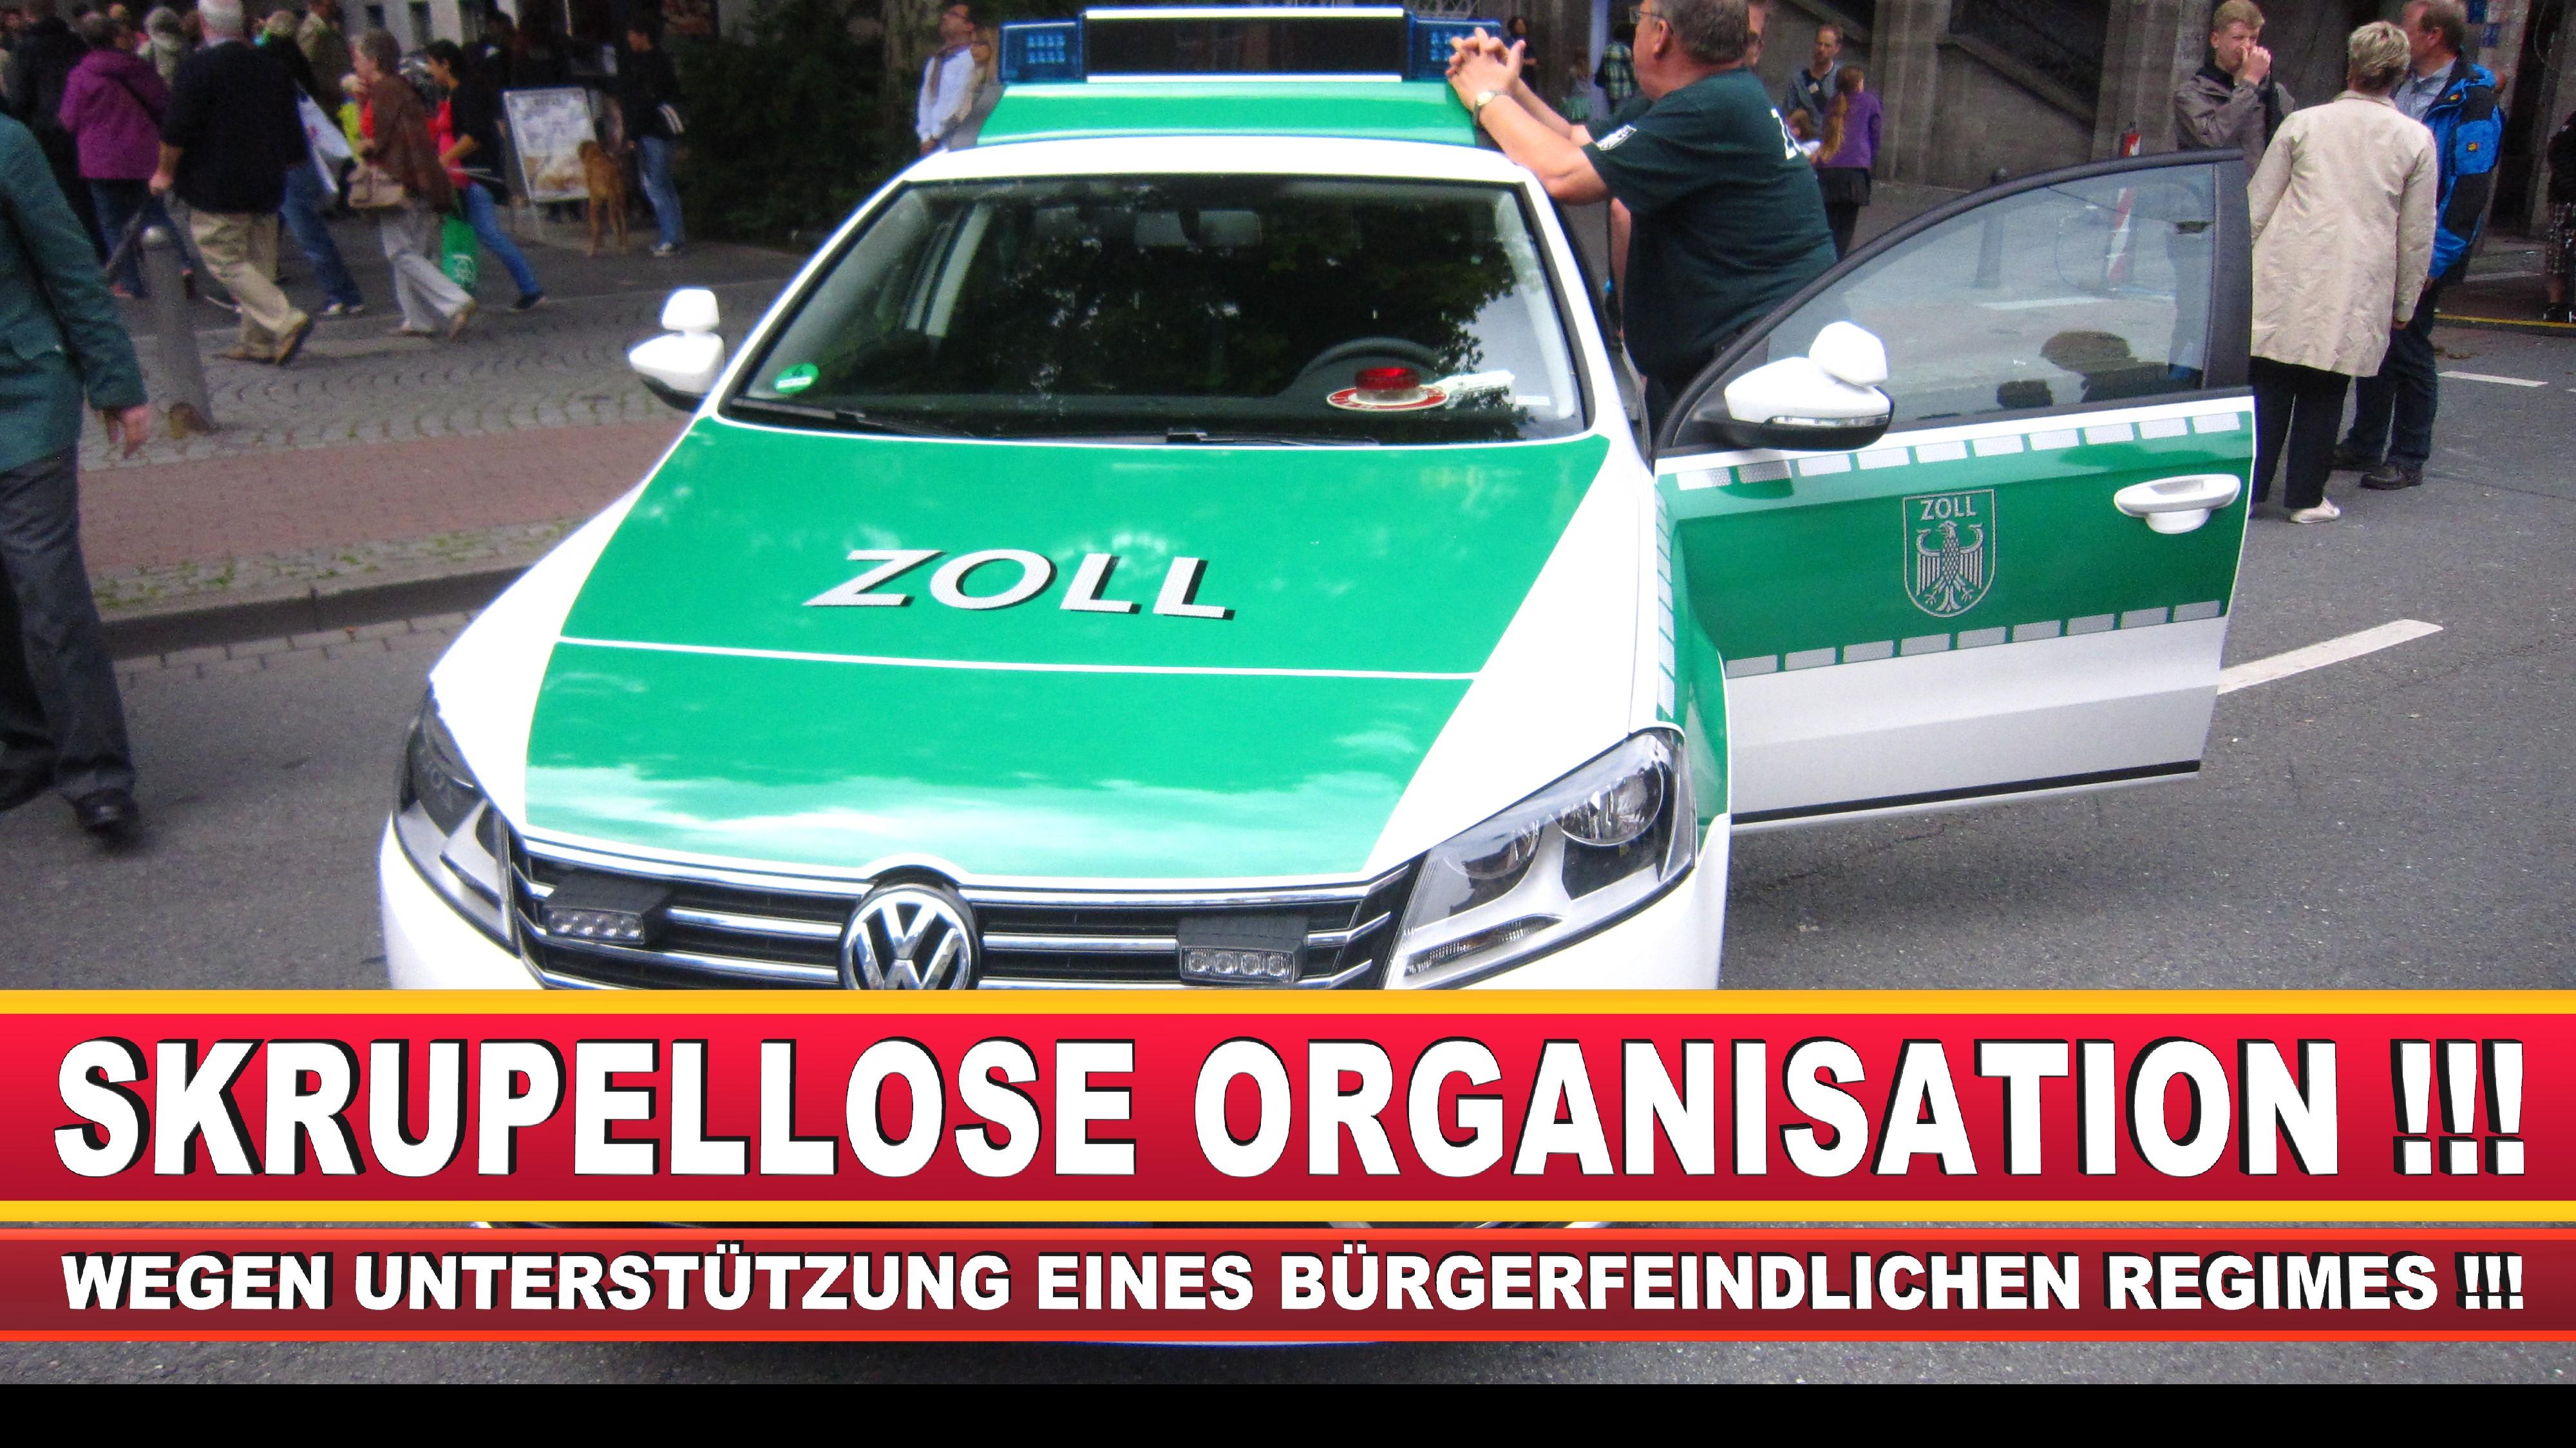 Polizeipräsidentin Katharina Giere Polizei Bielefeld NRW Erwin Südfeld Horst Kruse Polizeiuniform Polizeigewalt DEMONSTRATION Bahnhof (33)